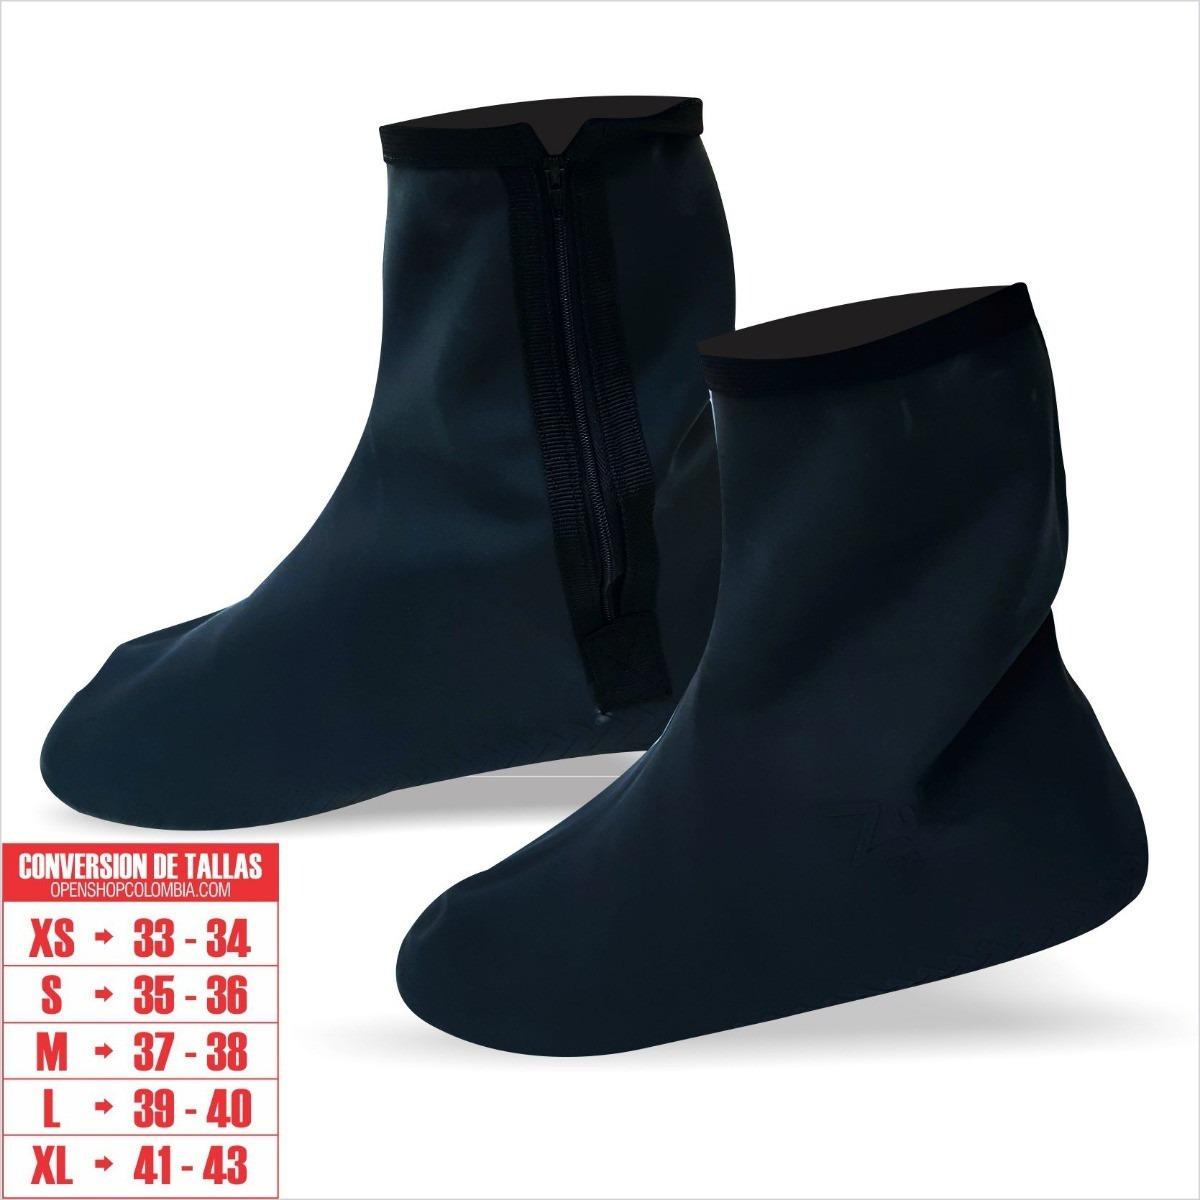 b88071219a7 Cubre Zapatos Para Invierno Totalmente Impermeables Sparta D - U S ...